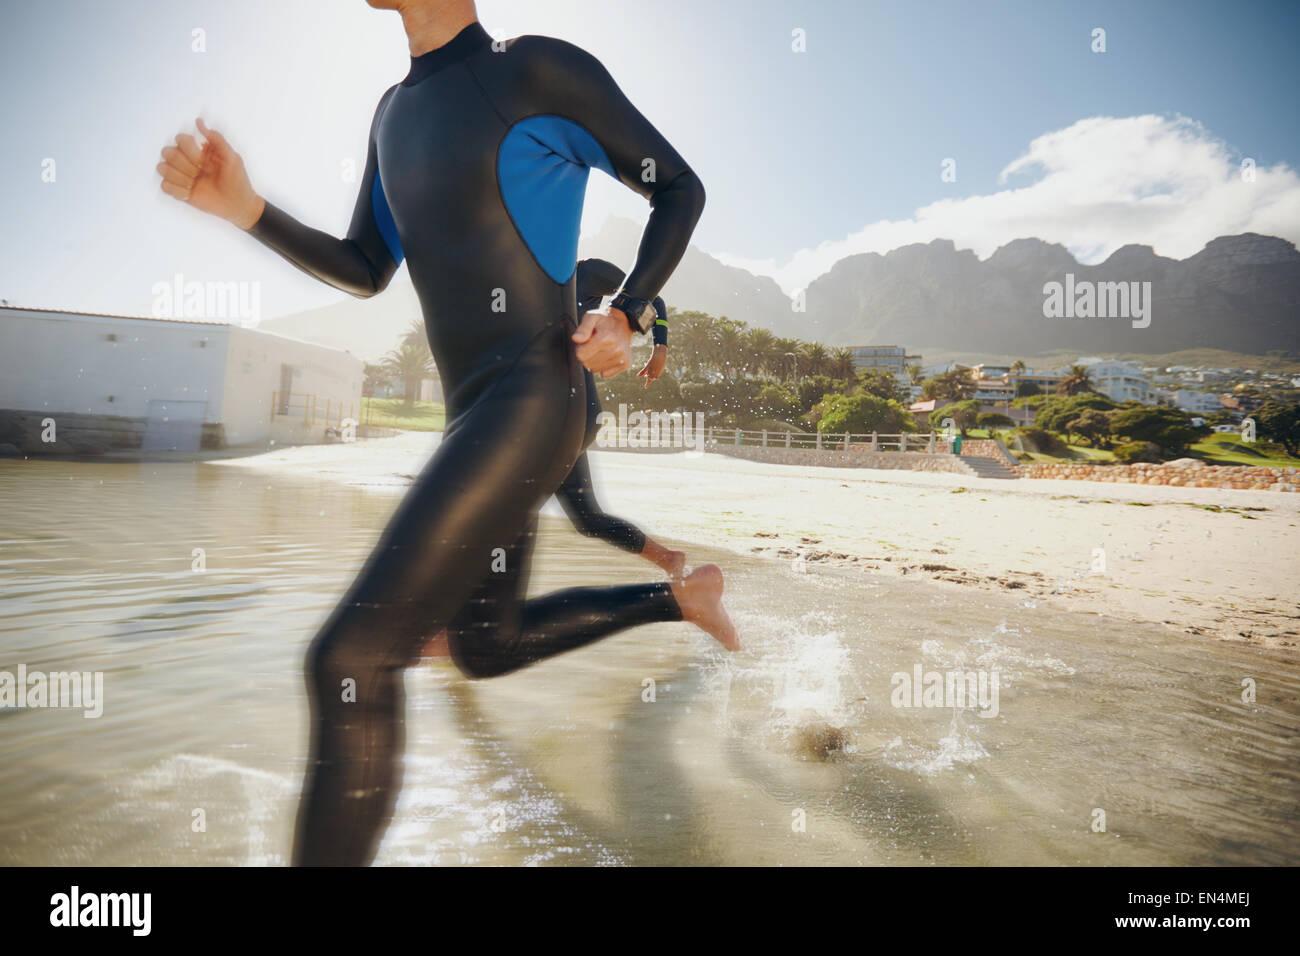 Imagen de dos triatletas corriendo en el agua. Atleta corriendo en el agua, entrenamiento para un triatlón. Foto de stock